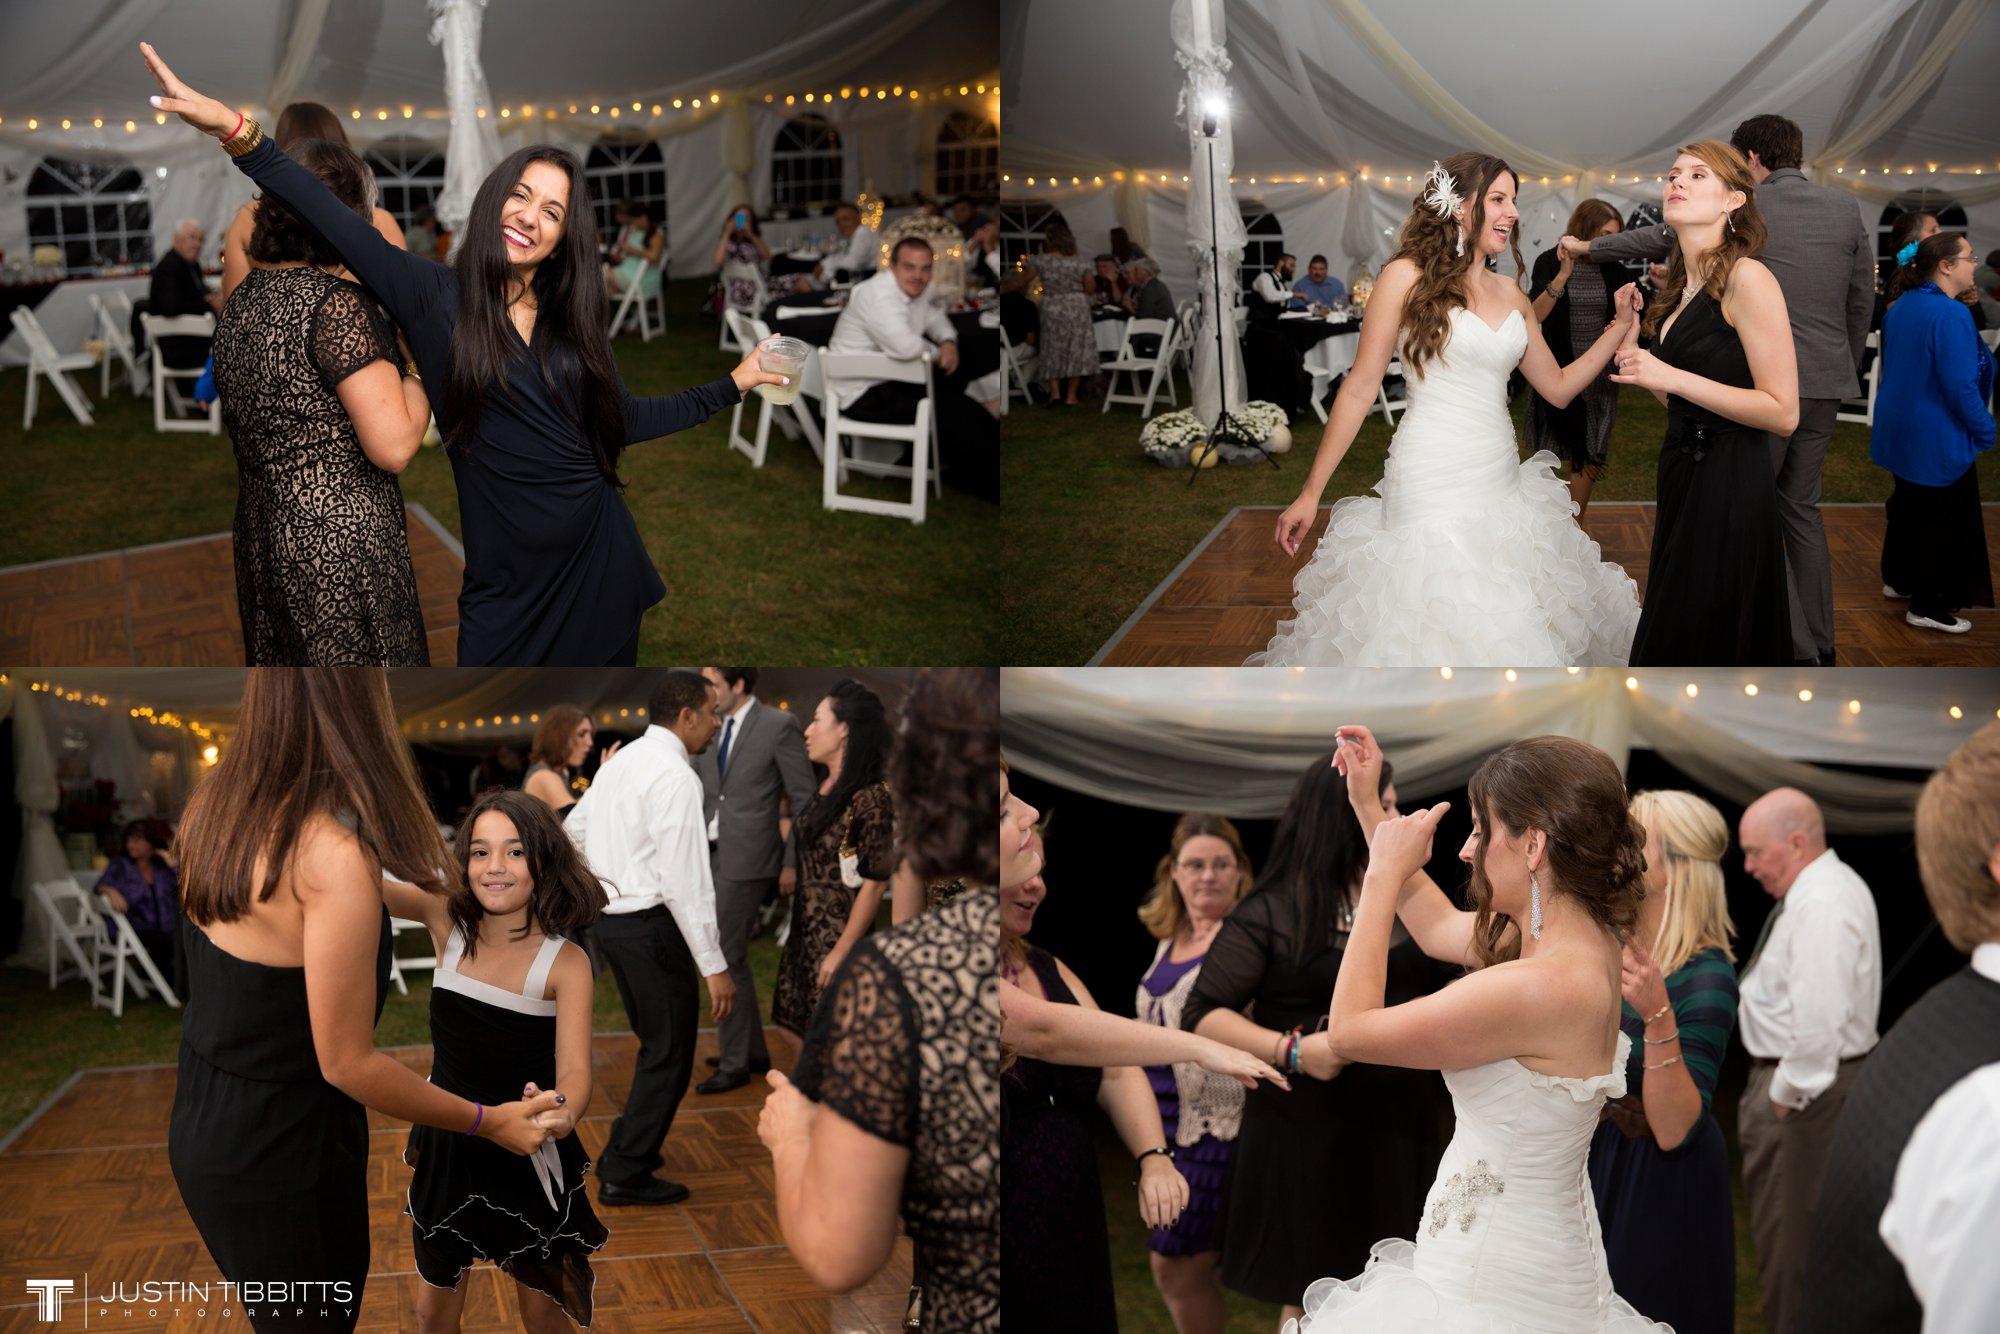 Albany NY Wedding Photographer Justin Tibbitts Photography 2014 Best of Albany NY Weddings-204Albany NY Wedding Photographer Justin Tibbitts Photography Albany NY Best of Weddings31